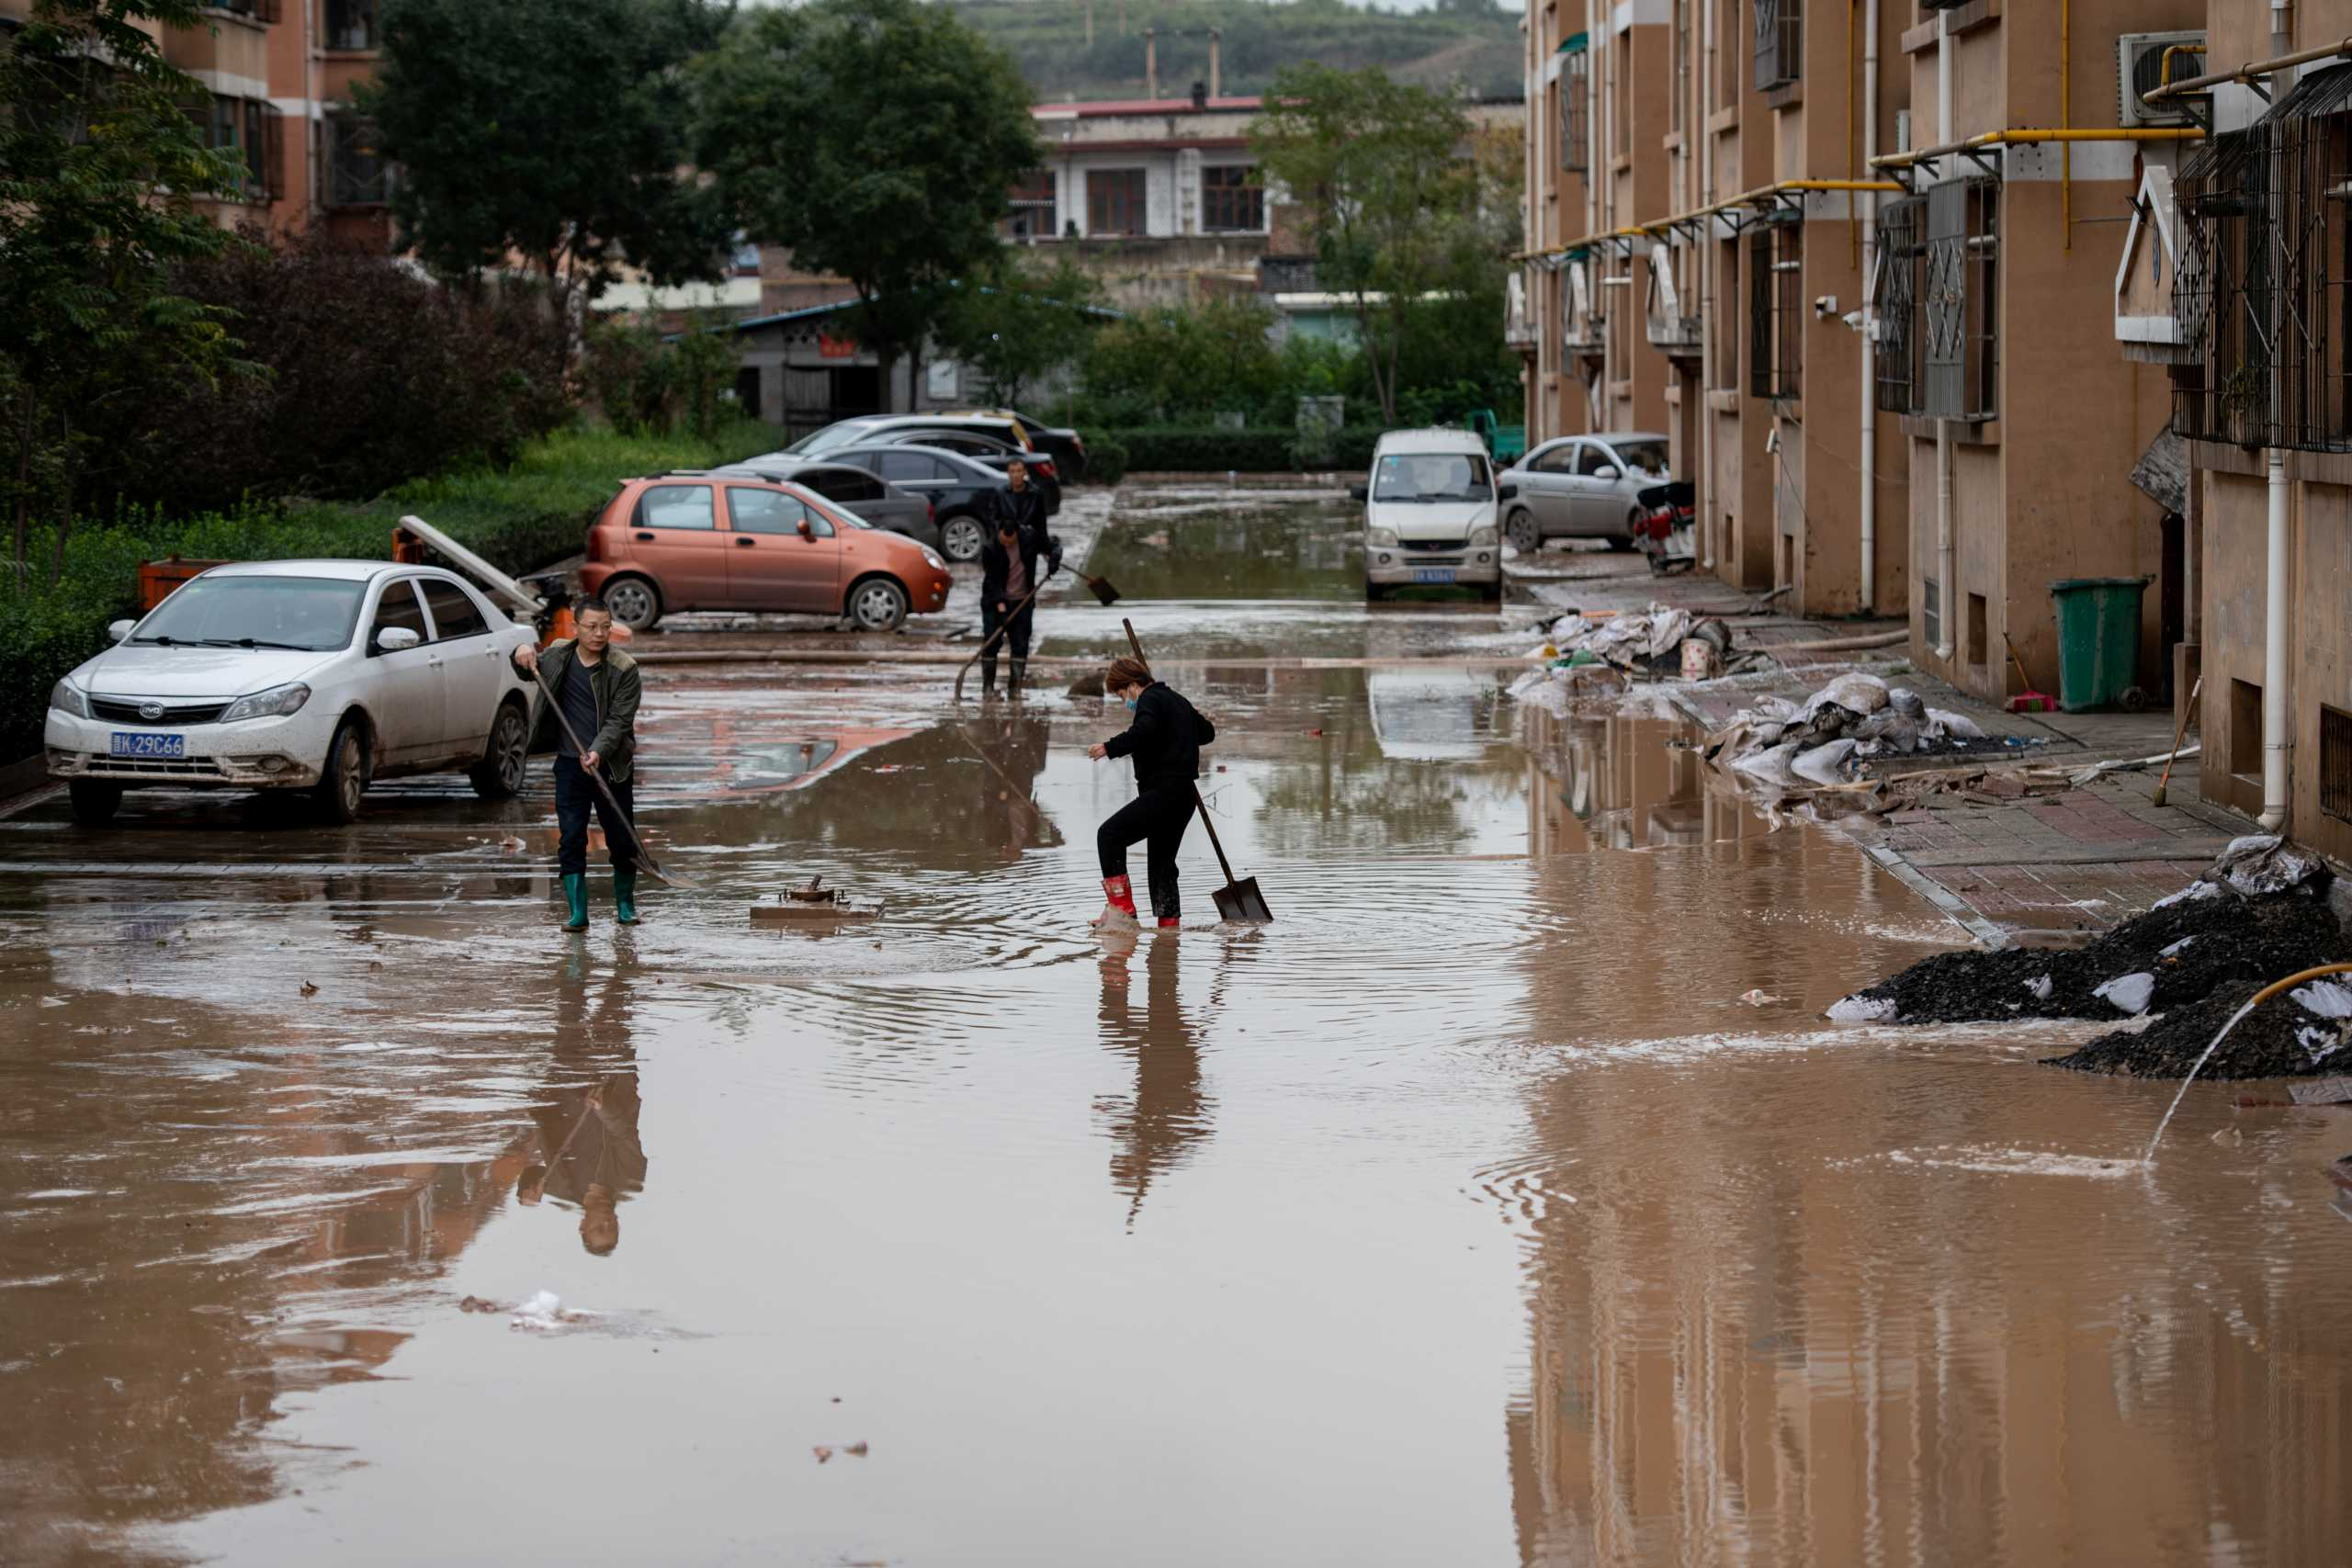 Κίνα: 15 νεκροί από τις φονικές πλημμύρες στην Σανσί – Εικόνες απόλυτης καταστροφής